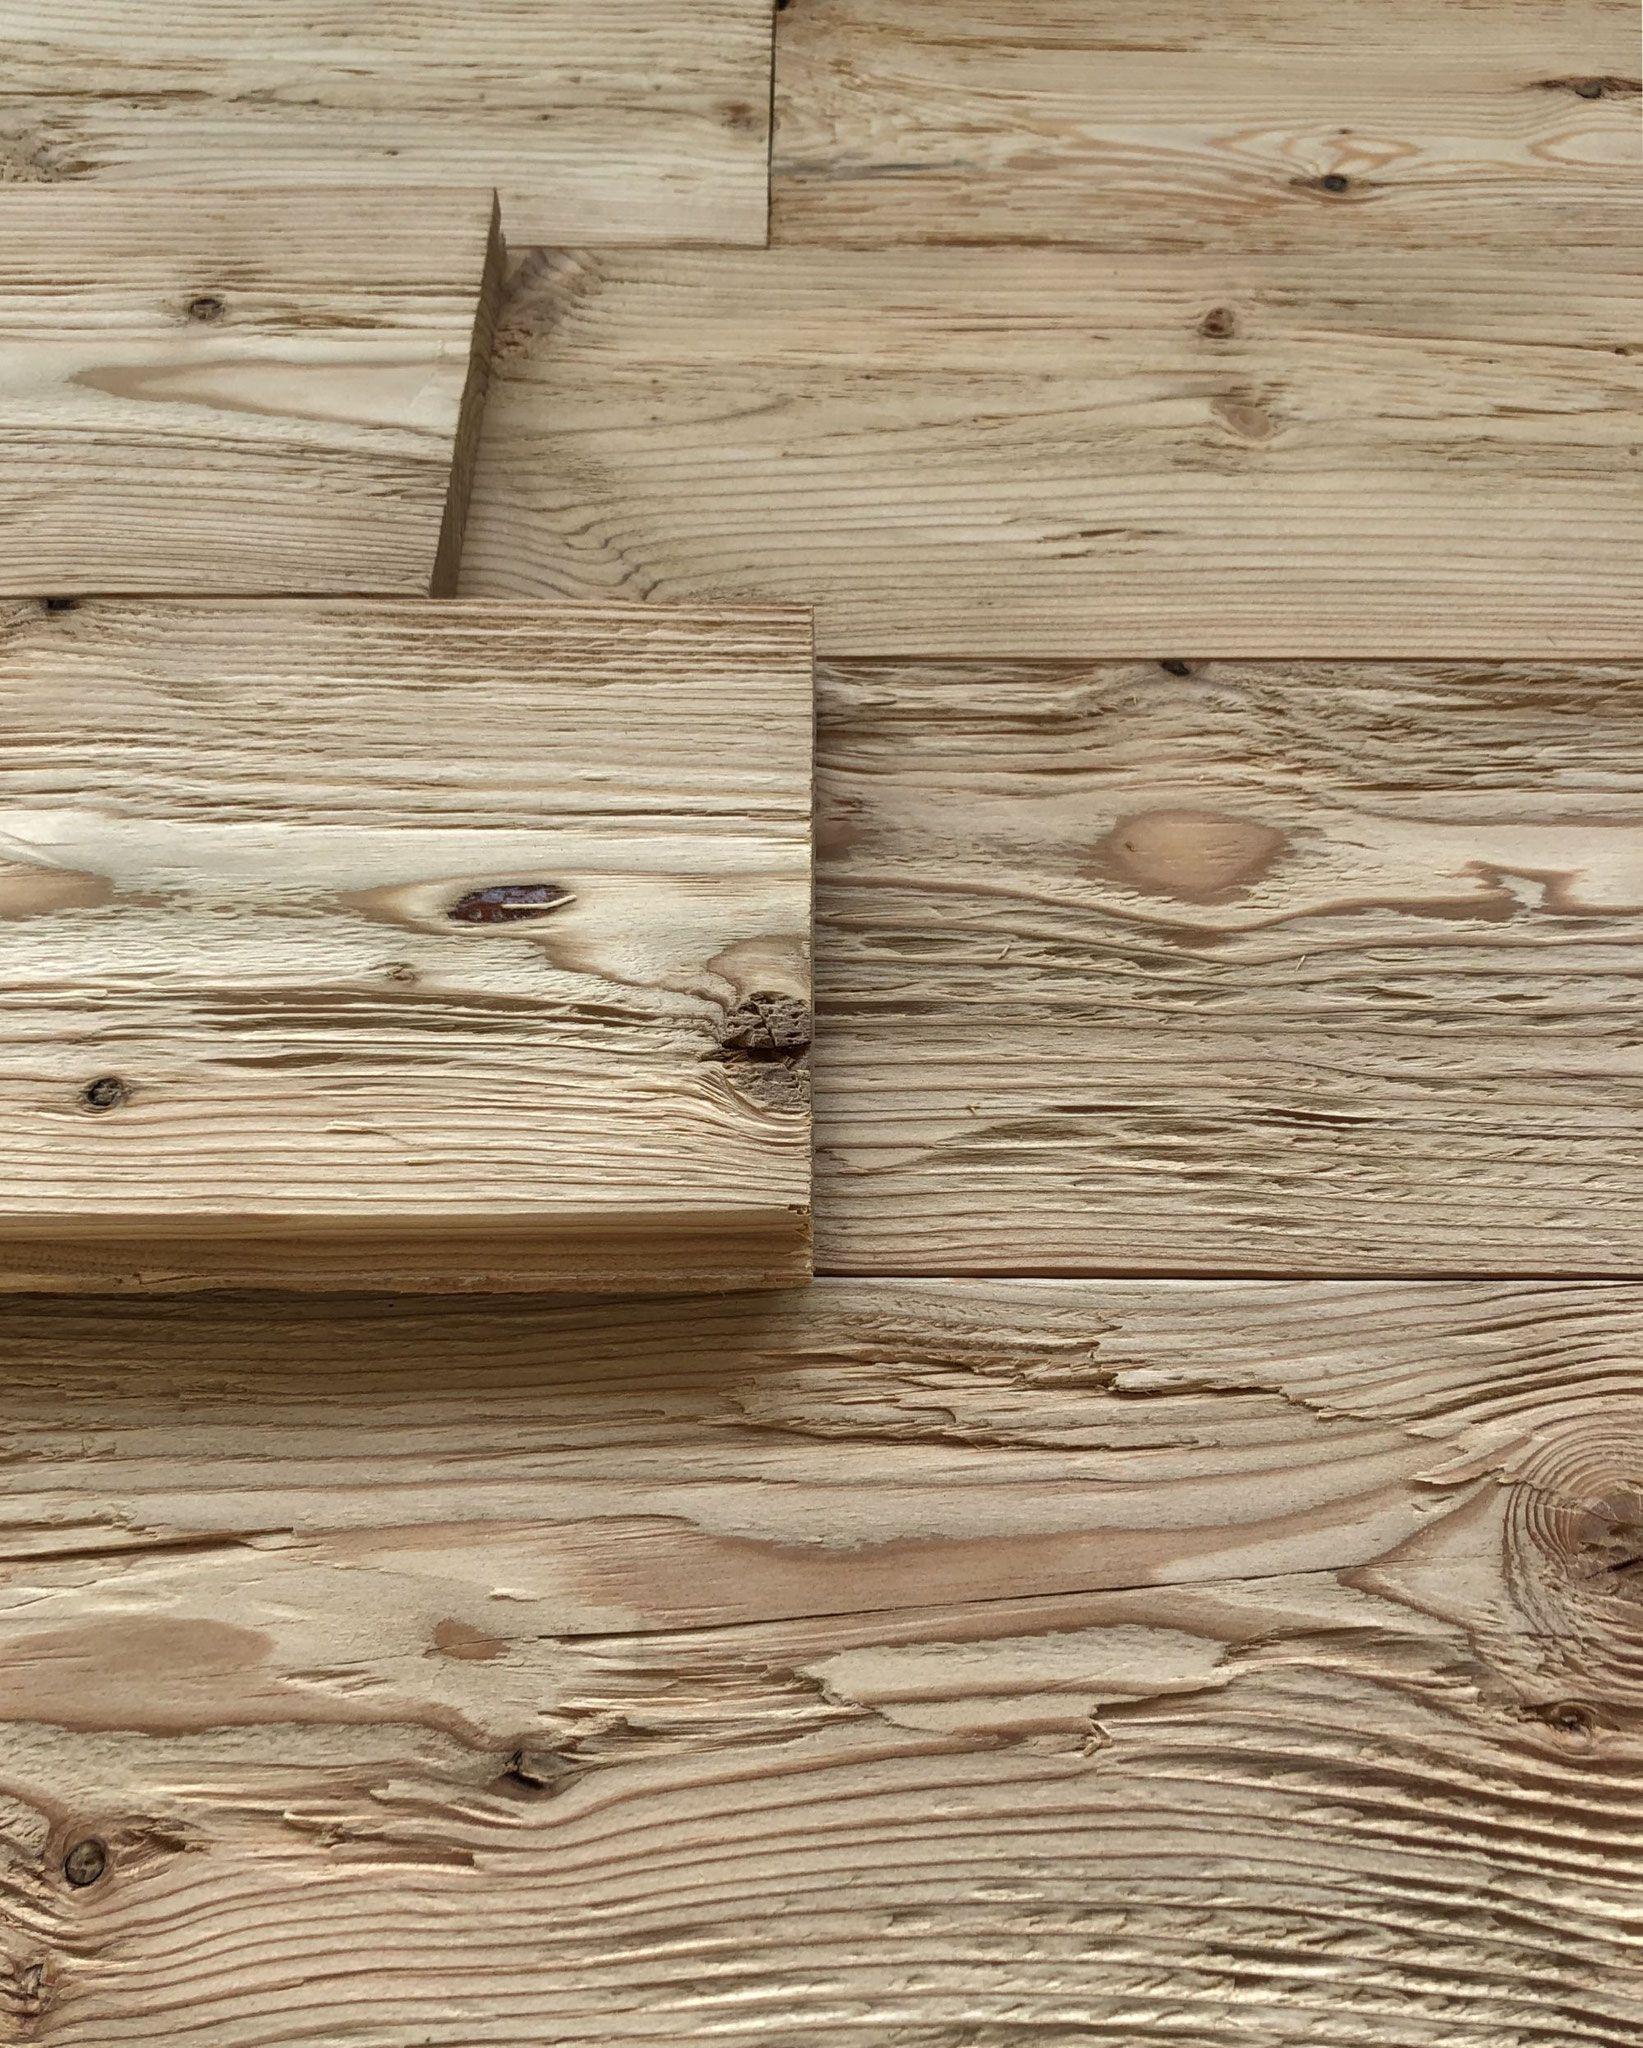 Rustikale Wandverkleidung Larche Gehackt Geburstet Vintage Holz Wandverkleidung Altholz Wandverkleidung Rustikaler Holztisch